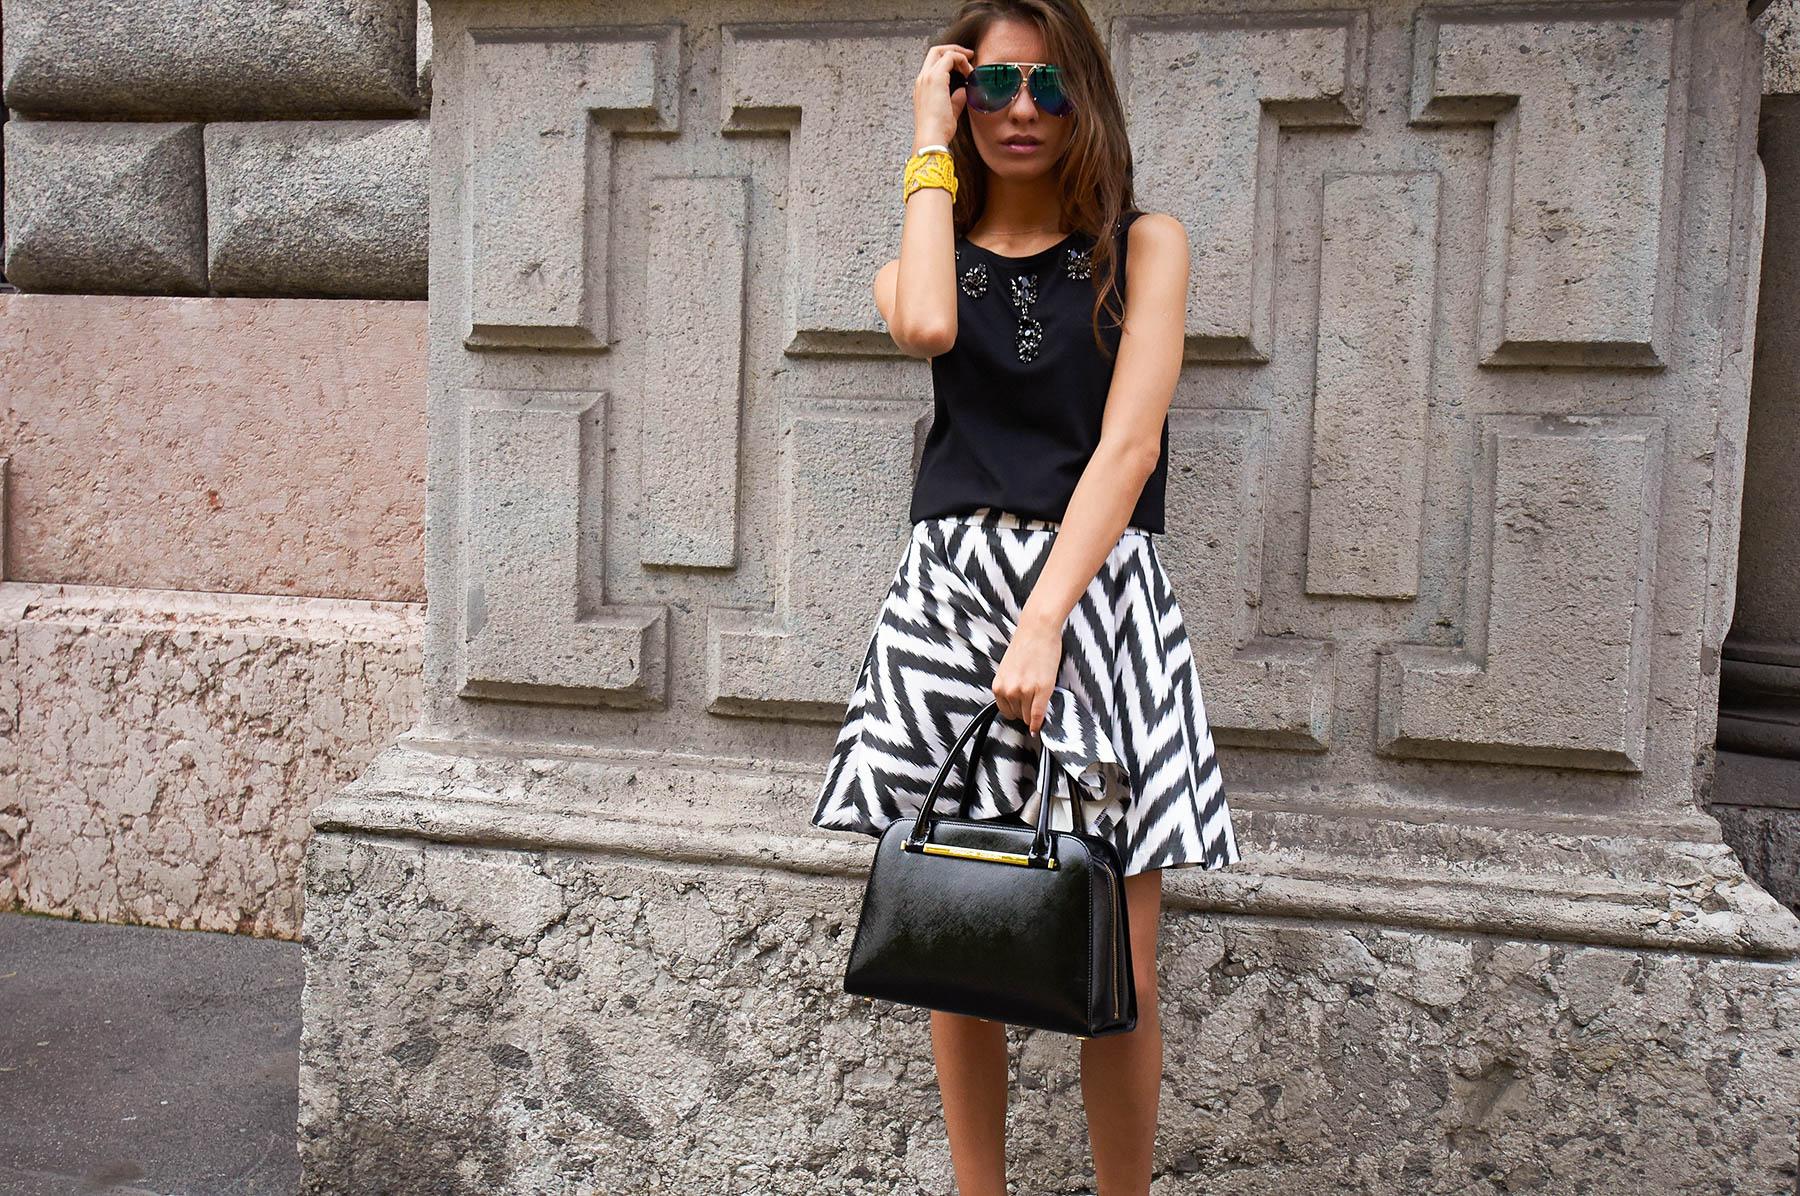 Базовый летний гардероб — как выбрать качественную футболку